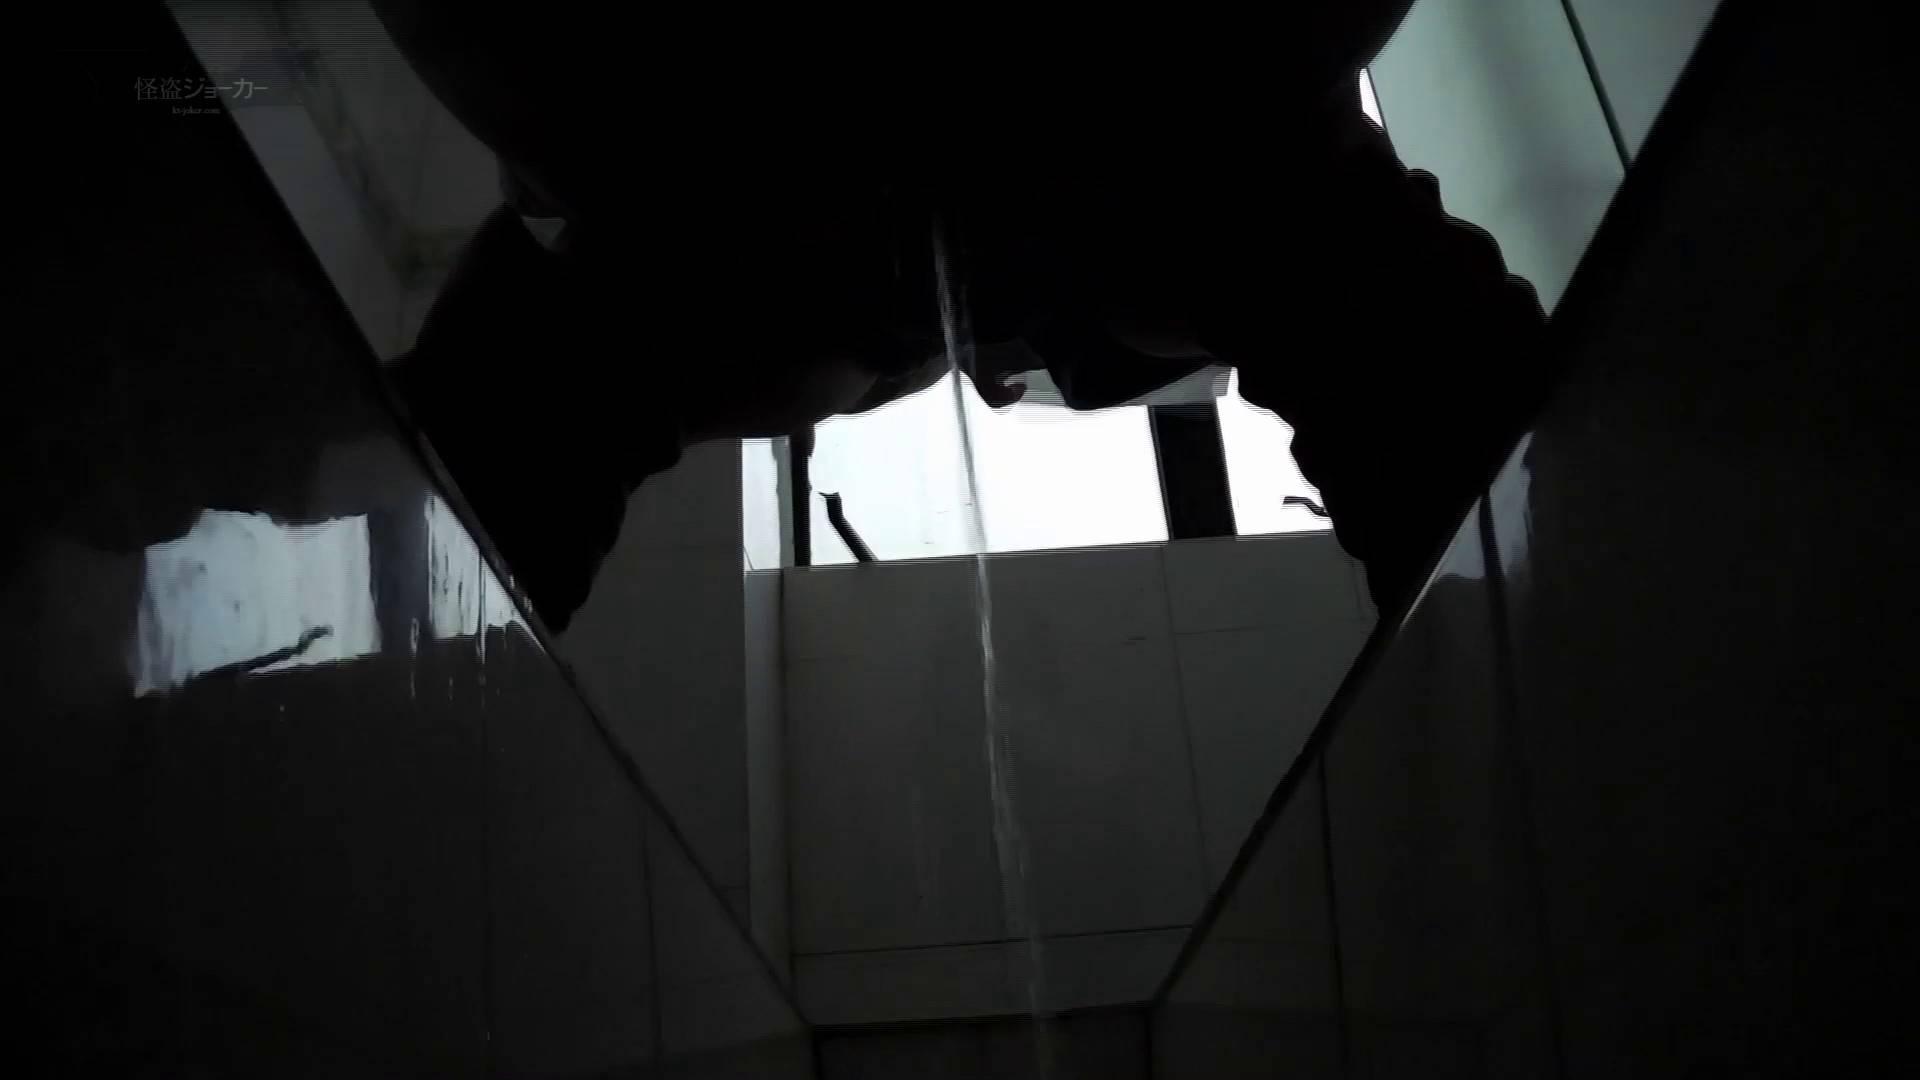 下からノゾム vol.028 あらあらスカートがっ!見えちゃってますよ。 丸見え ワレメ無修正動画無料 111枚 20